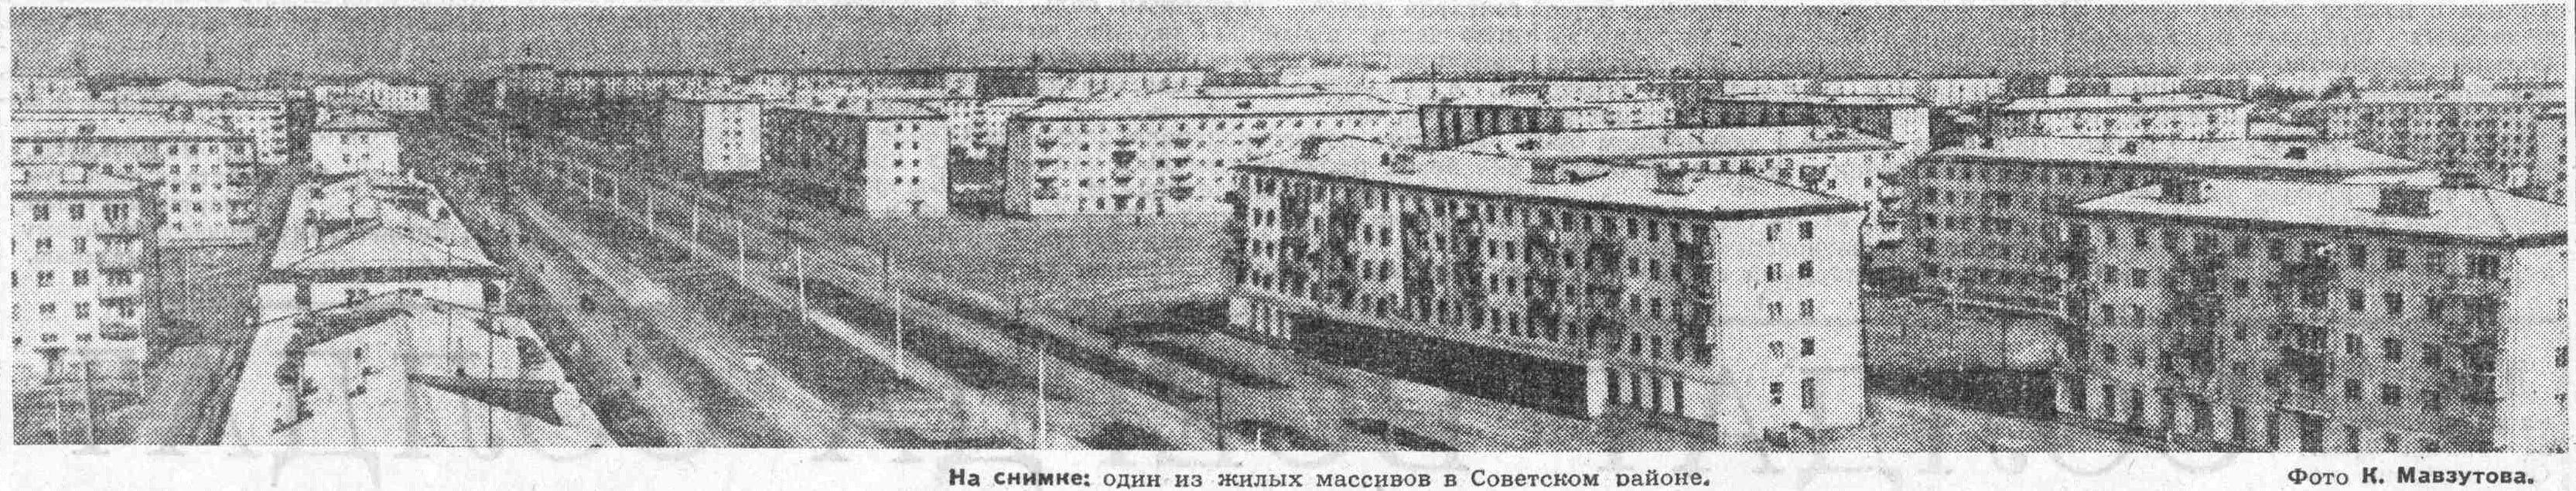 Революционная-ФОТО-32-ВКа-1963-11-22-вид от Рев.-Аэр